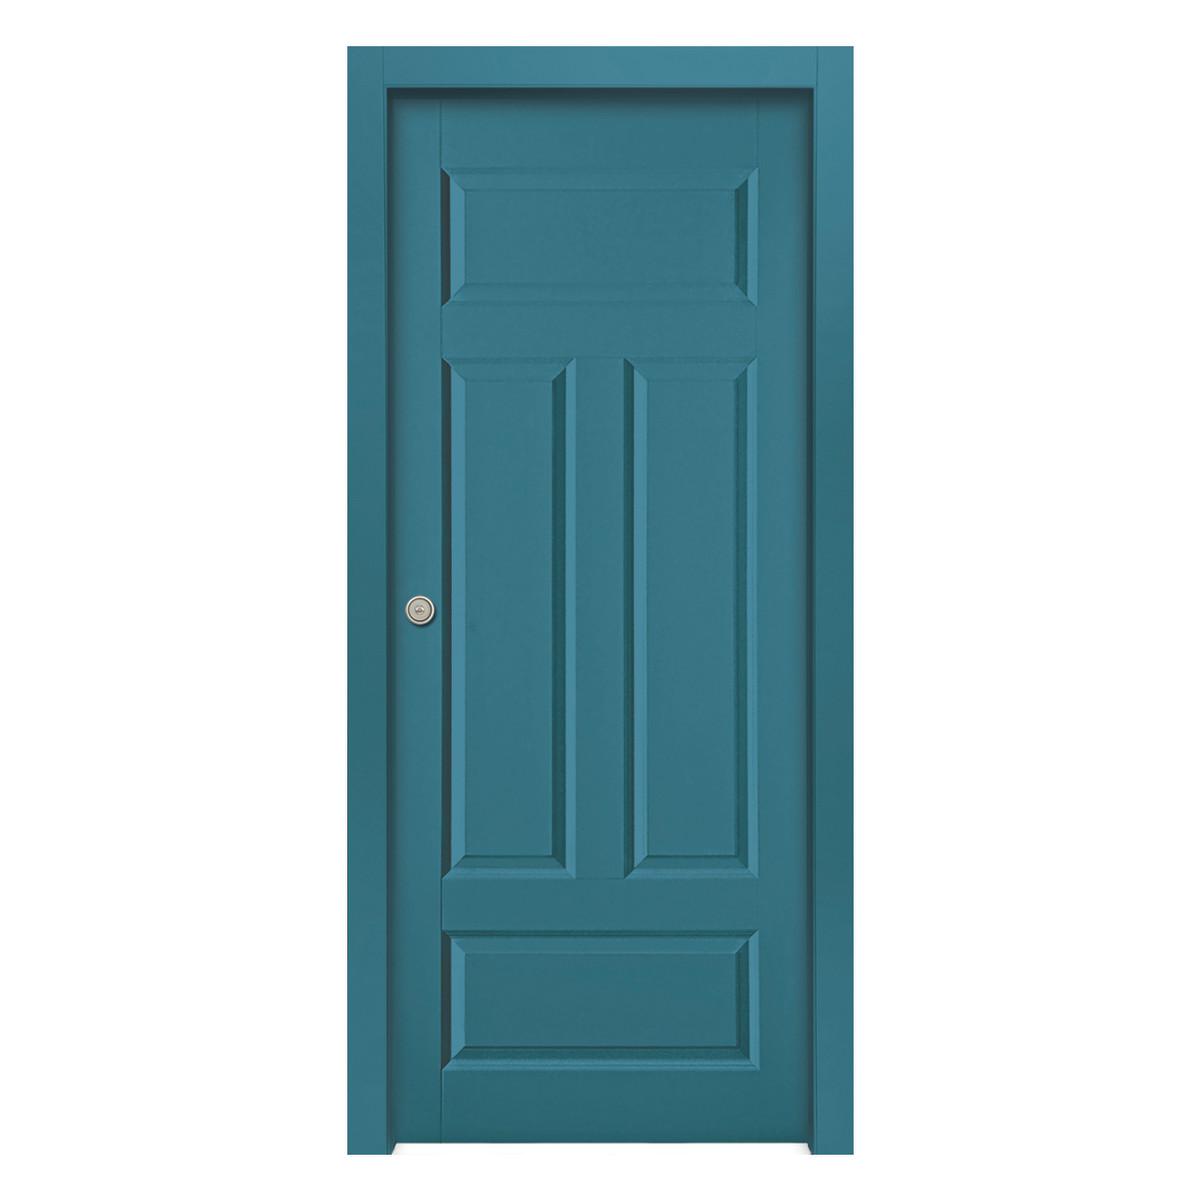 Porta da interno scorrevole coconut groove blue azzurro 60 x h 210 cm reversibile prezzi e - Offerte porte da interno ...